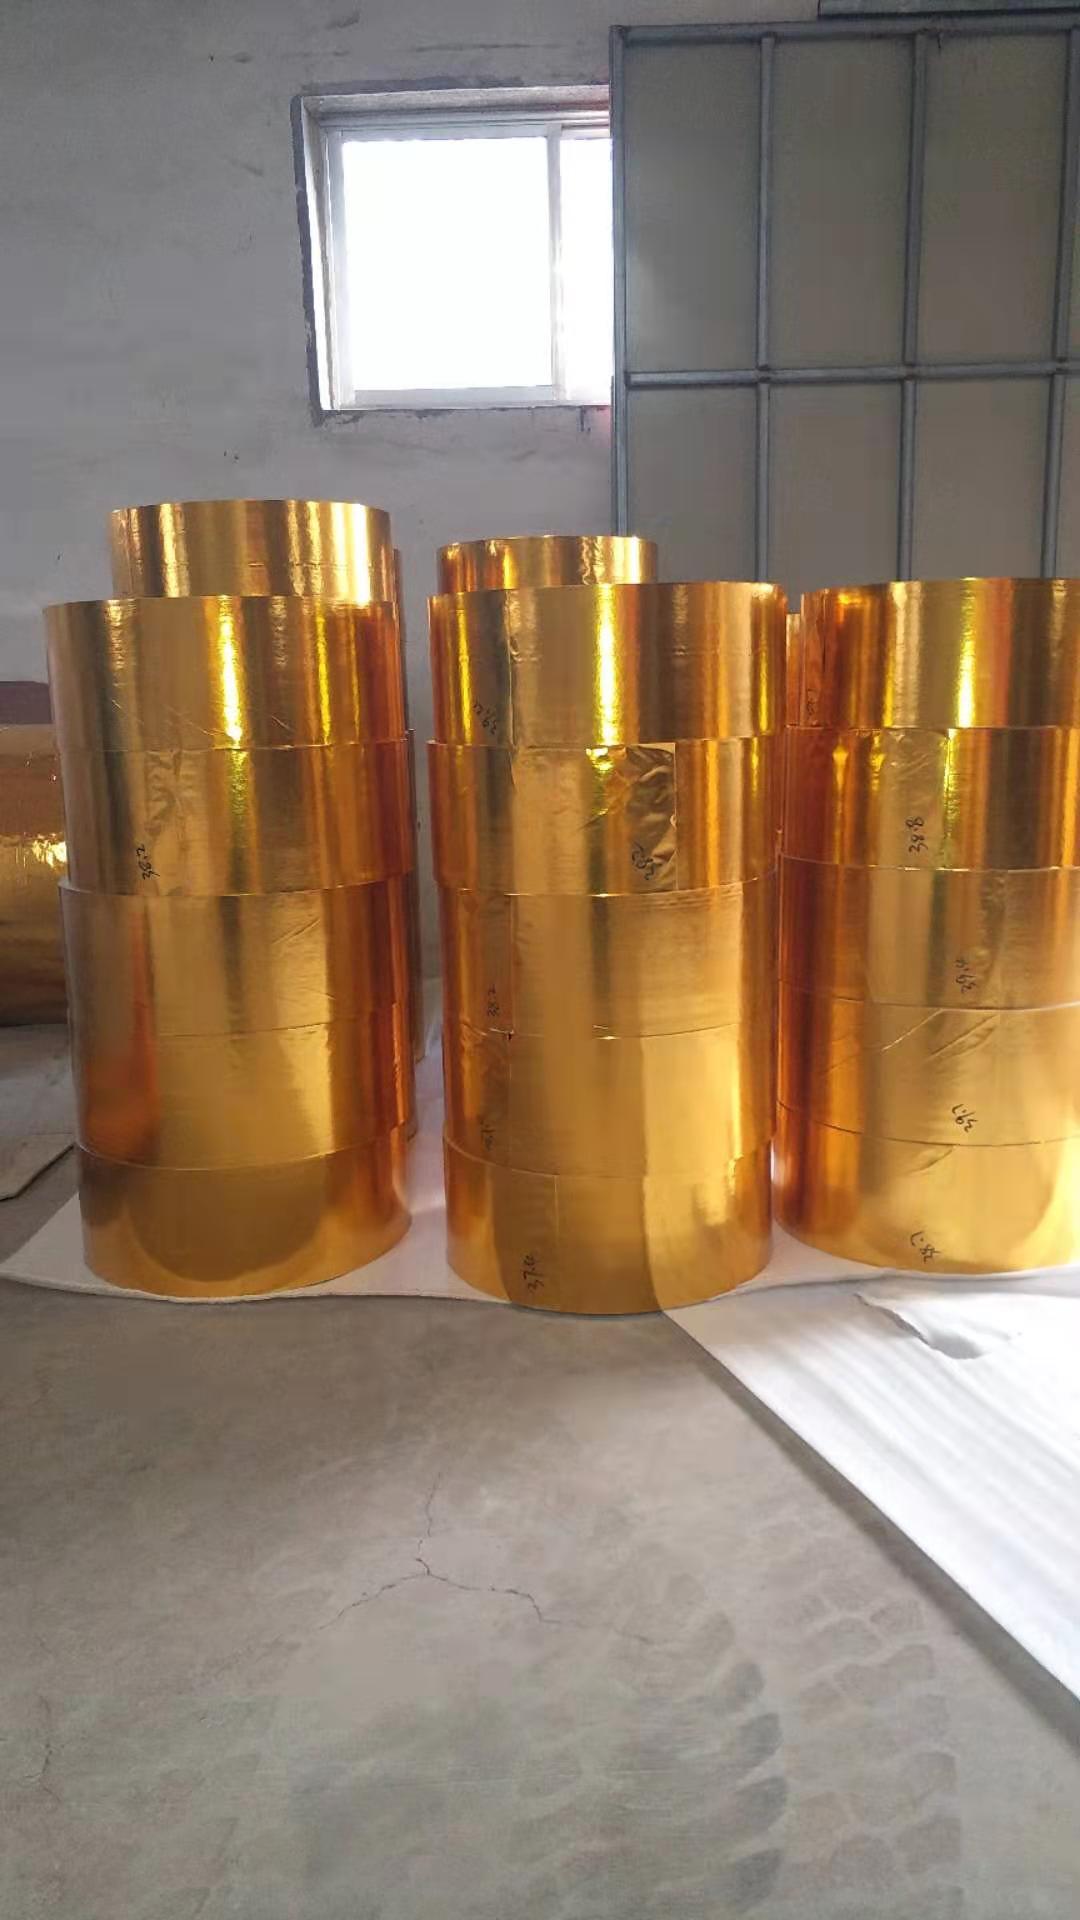 实惠的金银纸-热忱推荐-知名的金银纸供应商